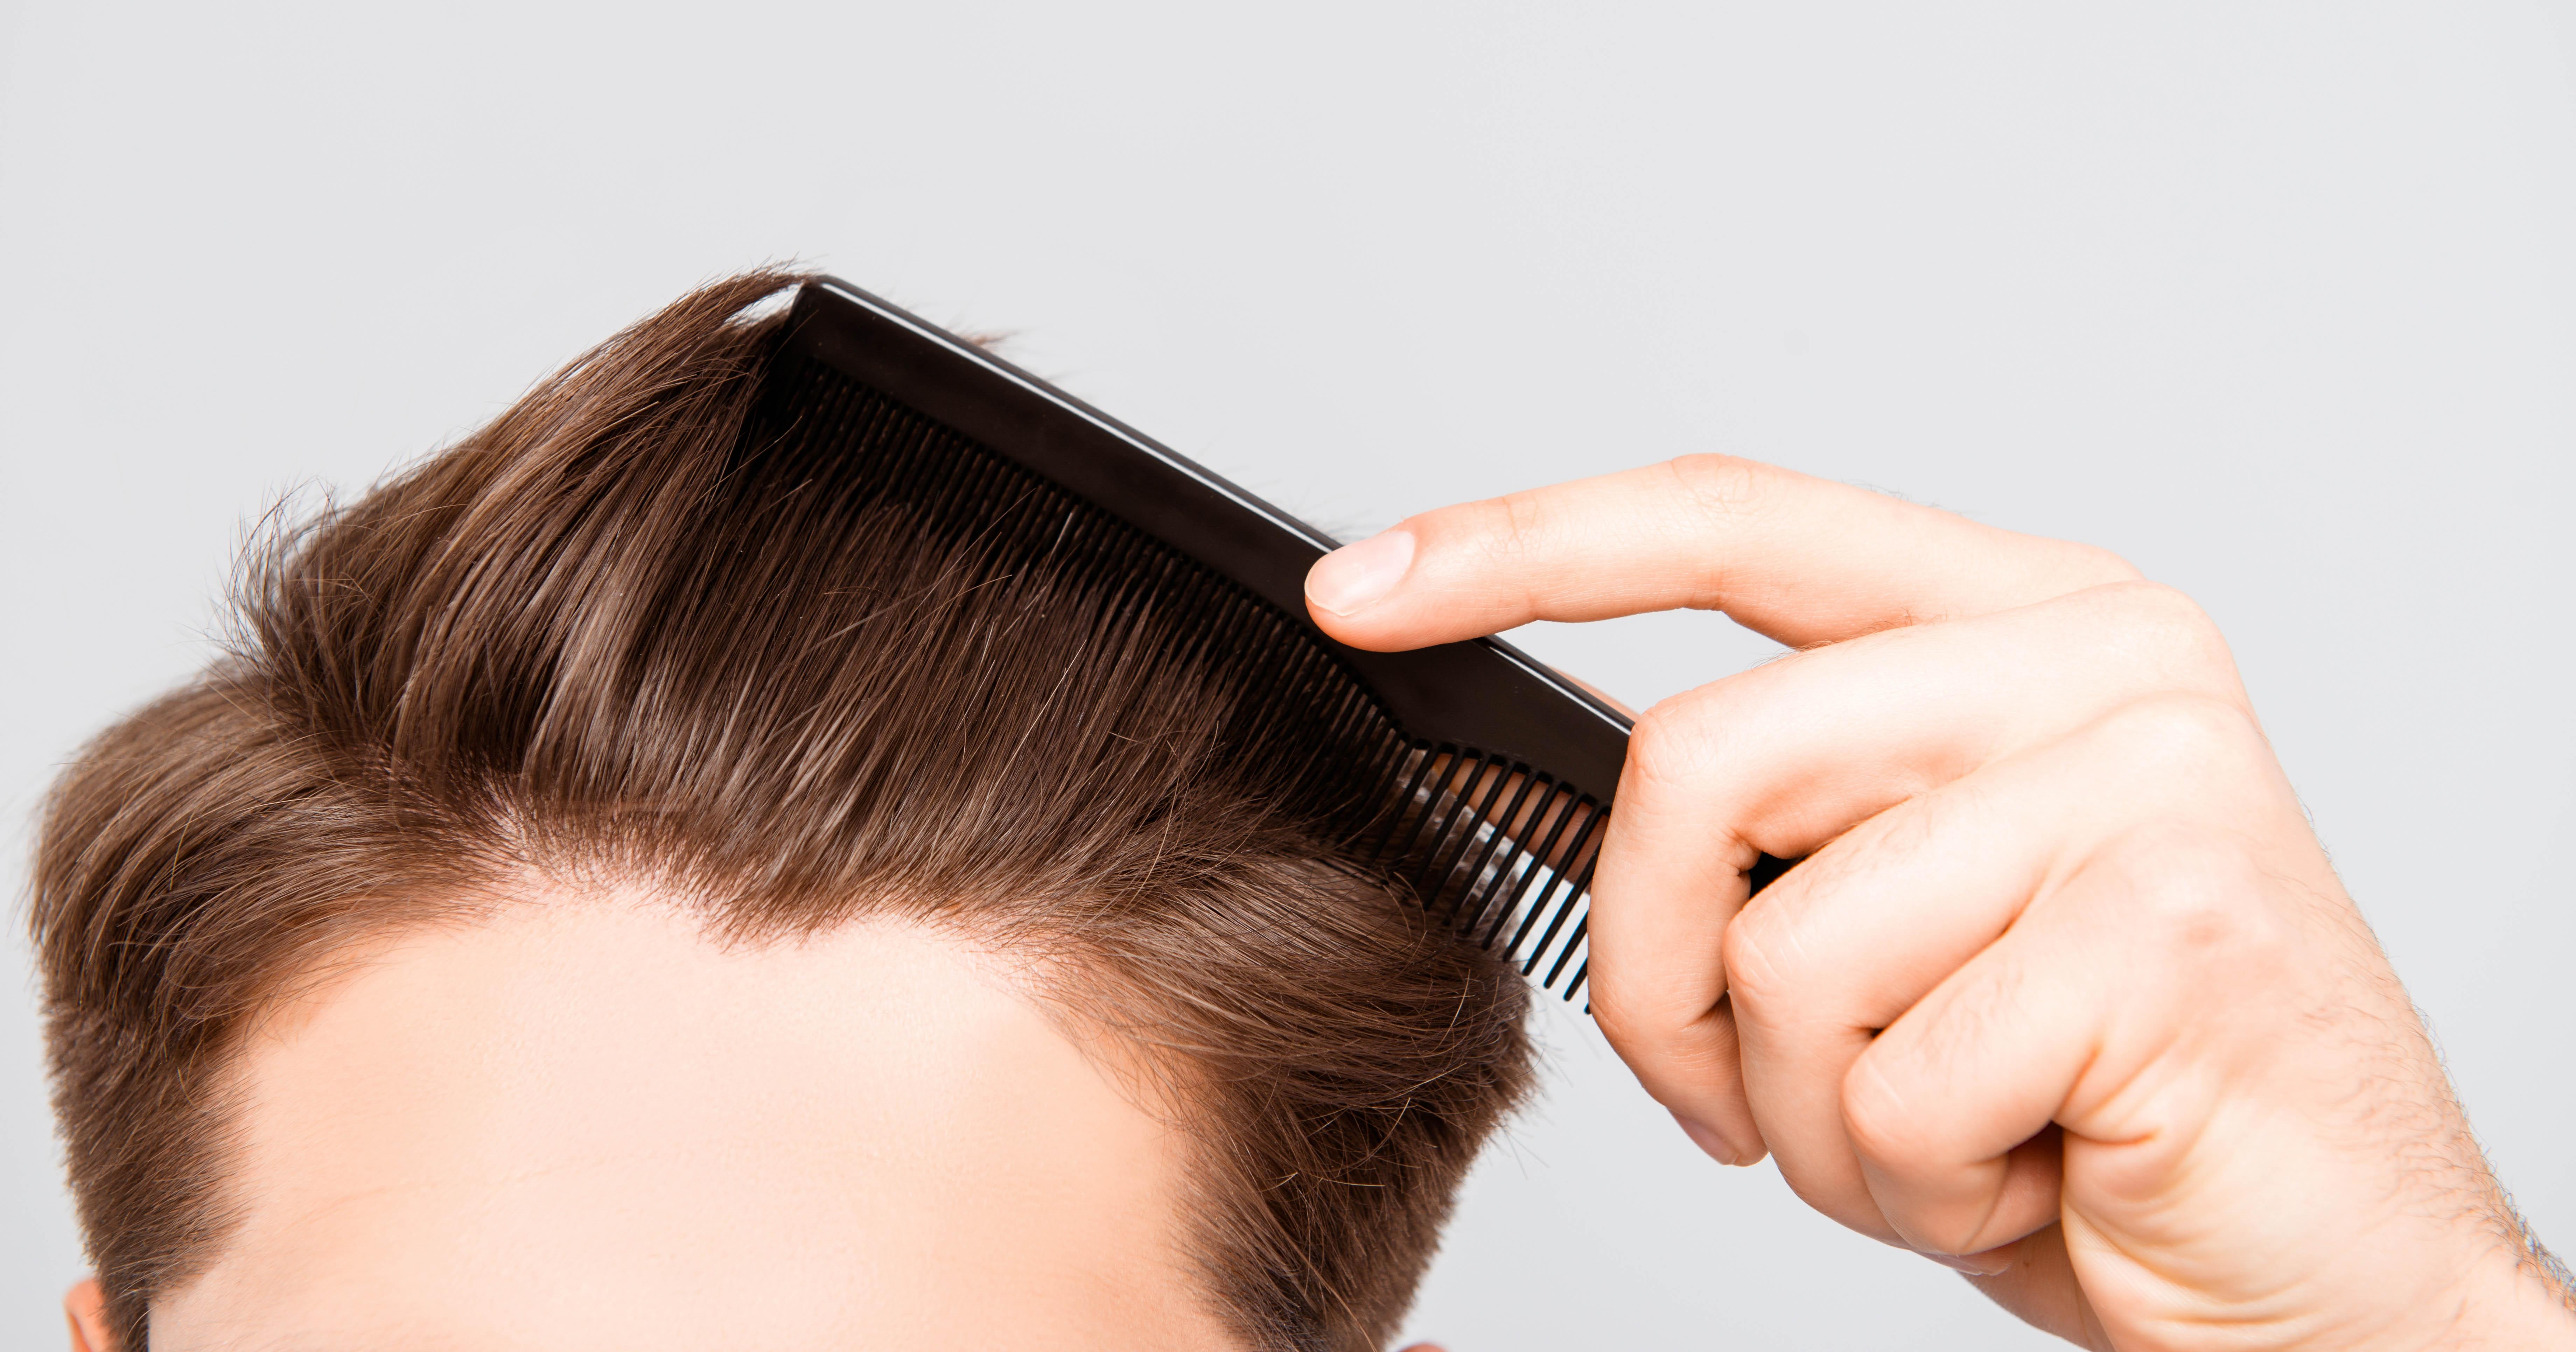 「ムダ毛」「頭皮」「角質」のケアに効く、最新ガジェット3選 | エレクトロニクス | LEON レオン オフィシャルWebサイト